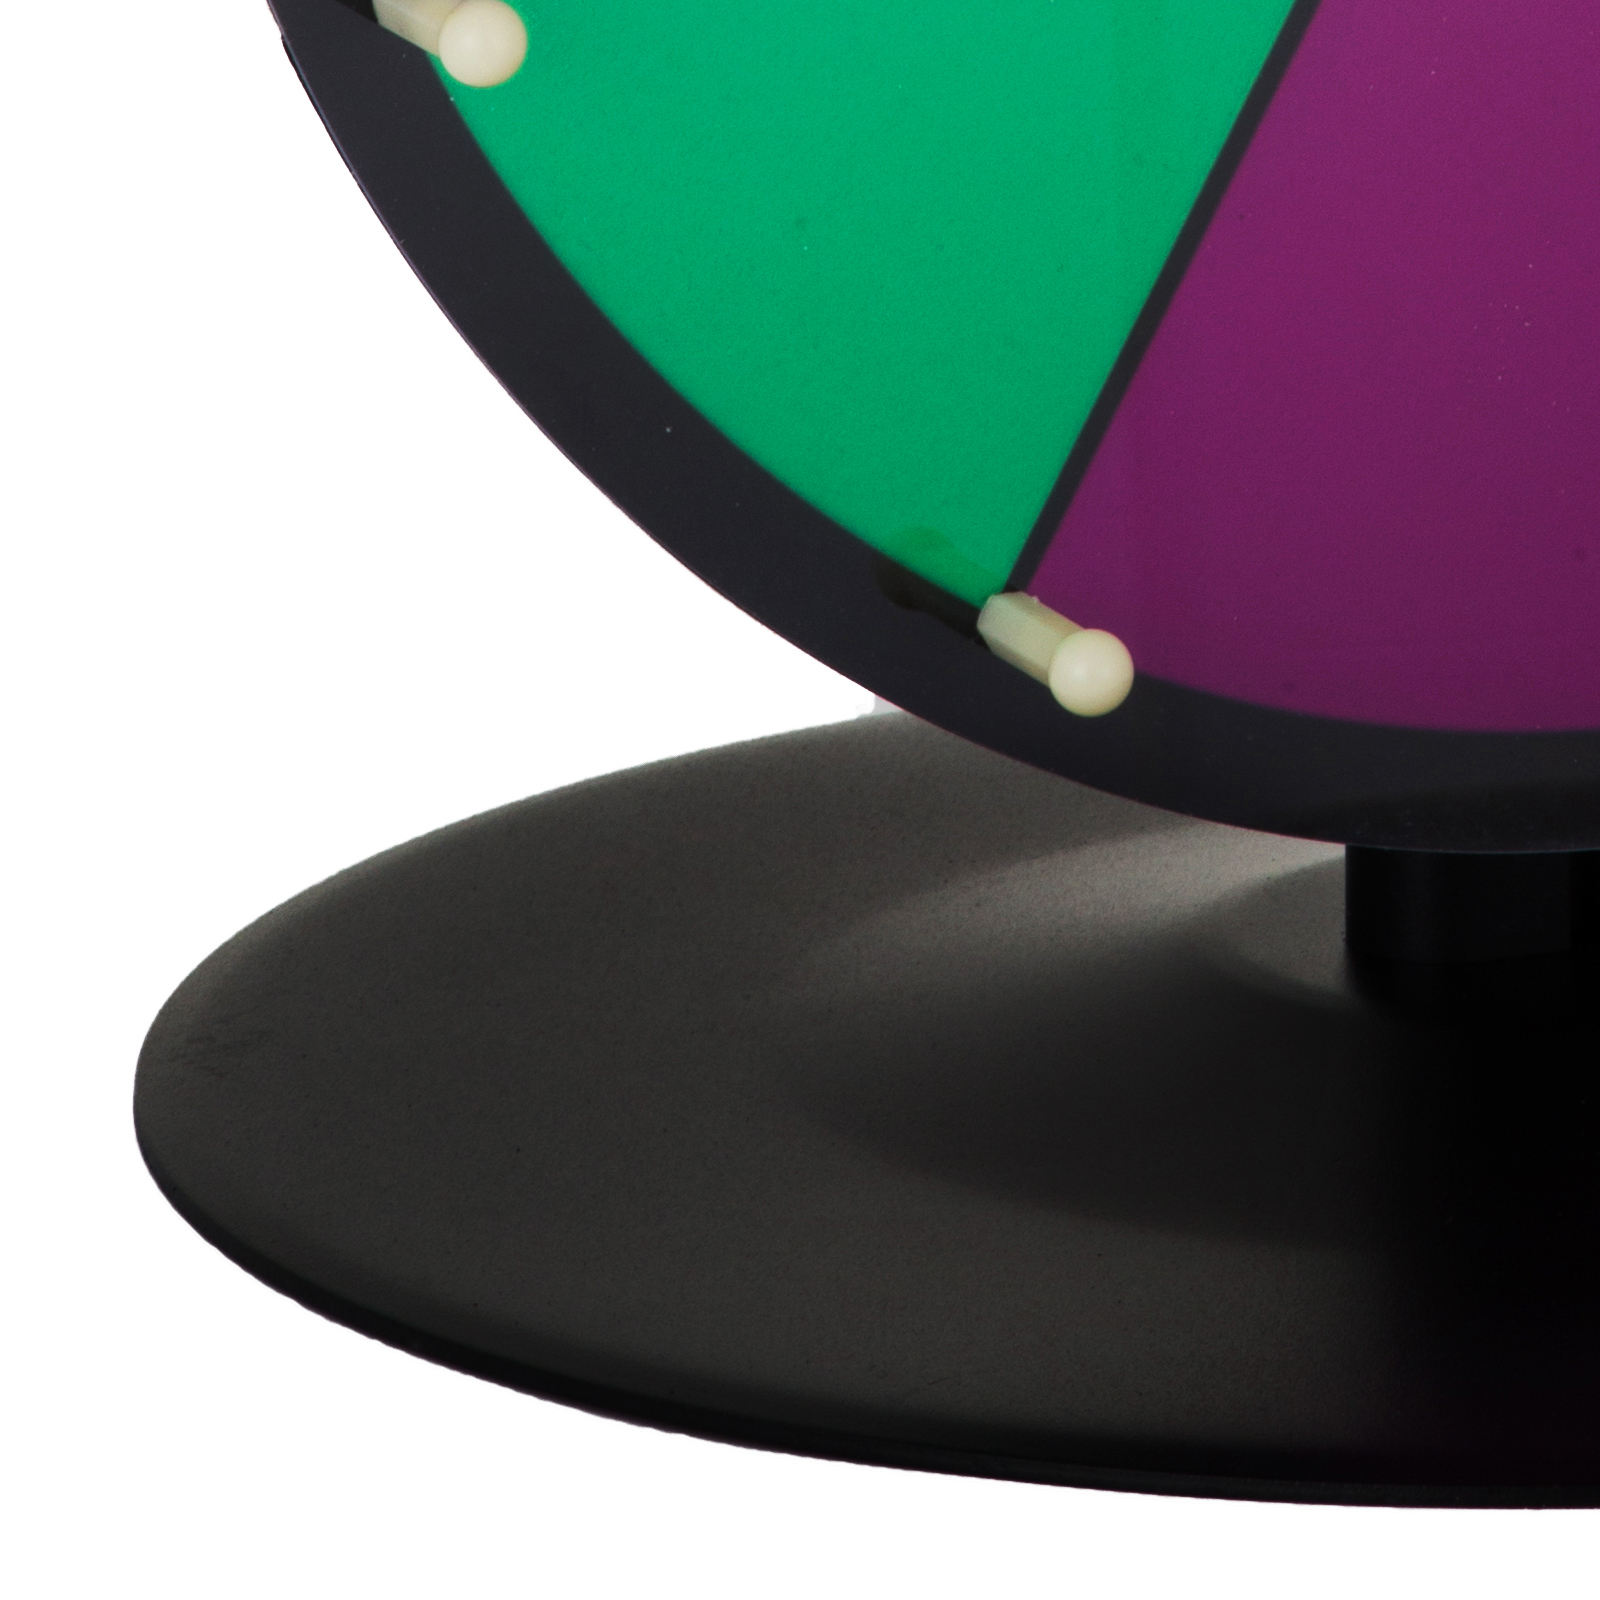 24-18-15-Ruota-Della-Fortuna-di-Colore-14-Slots-Gioco-Spin-Con-Supporto-Festa miniatura 22